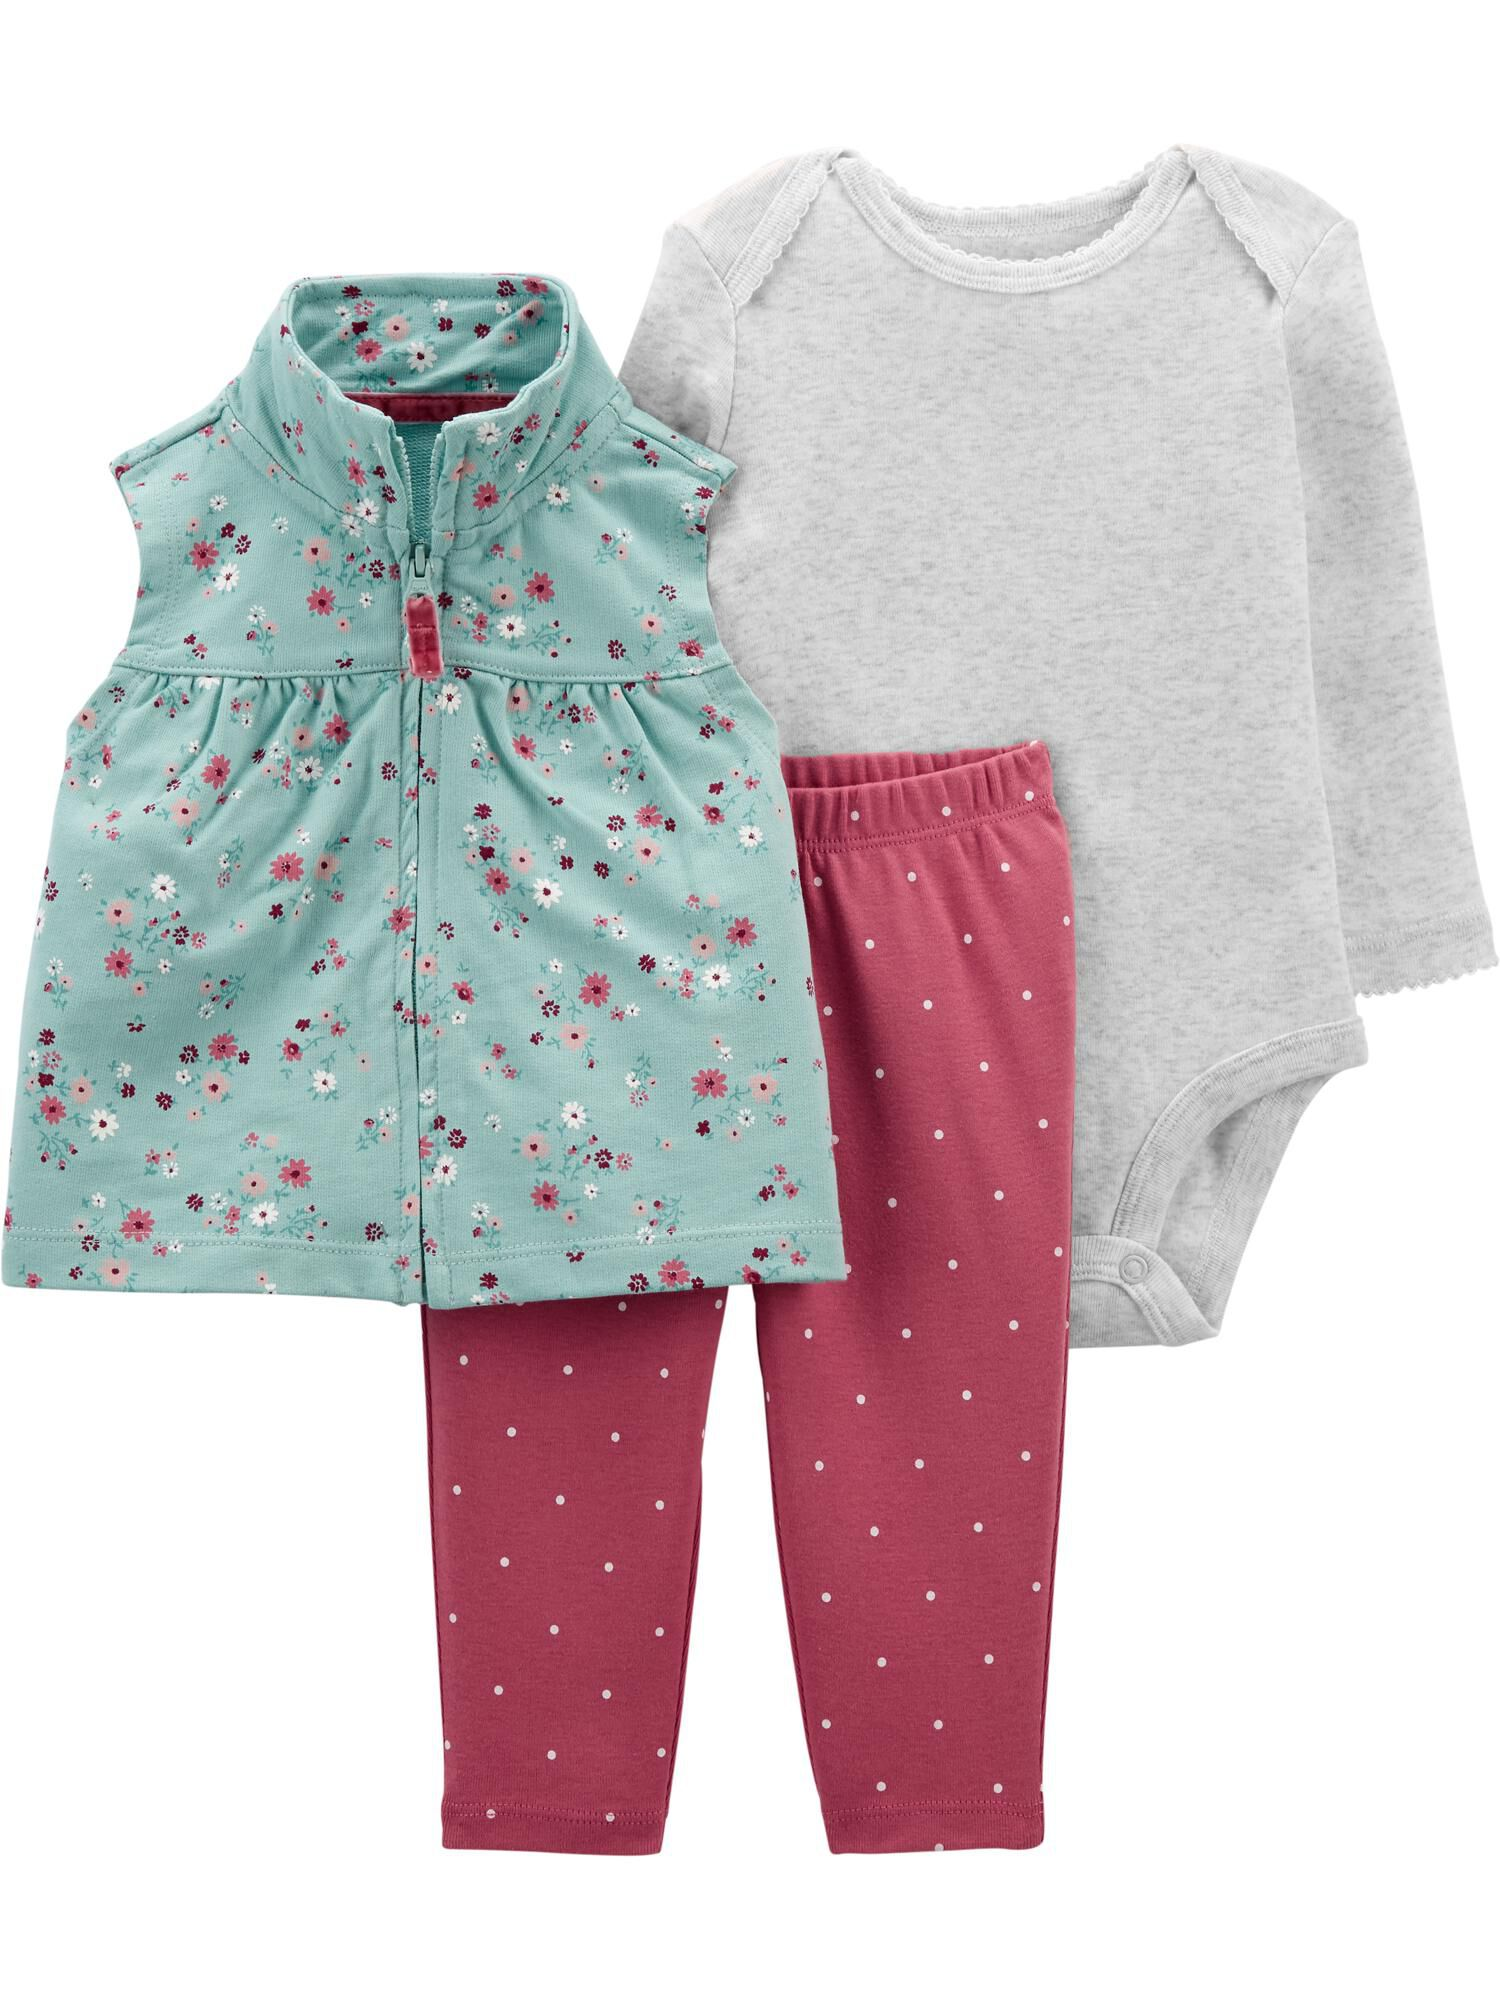 Carters 3-Piece Floral Little Vest Set